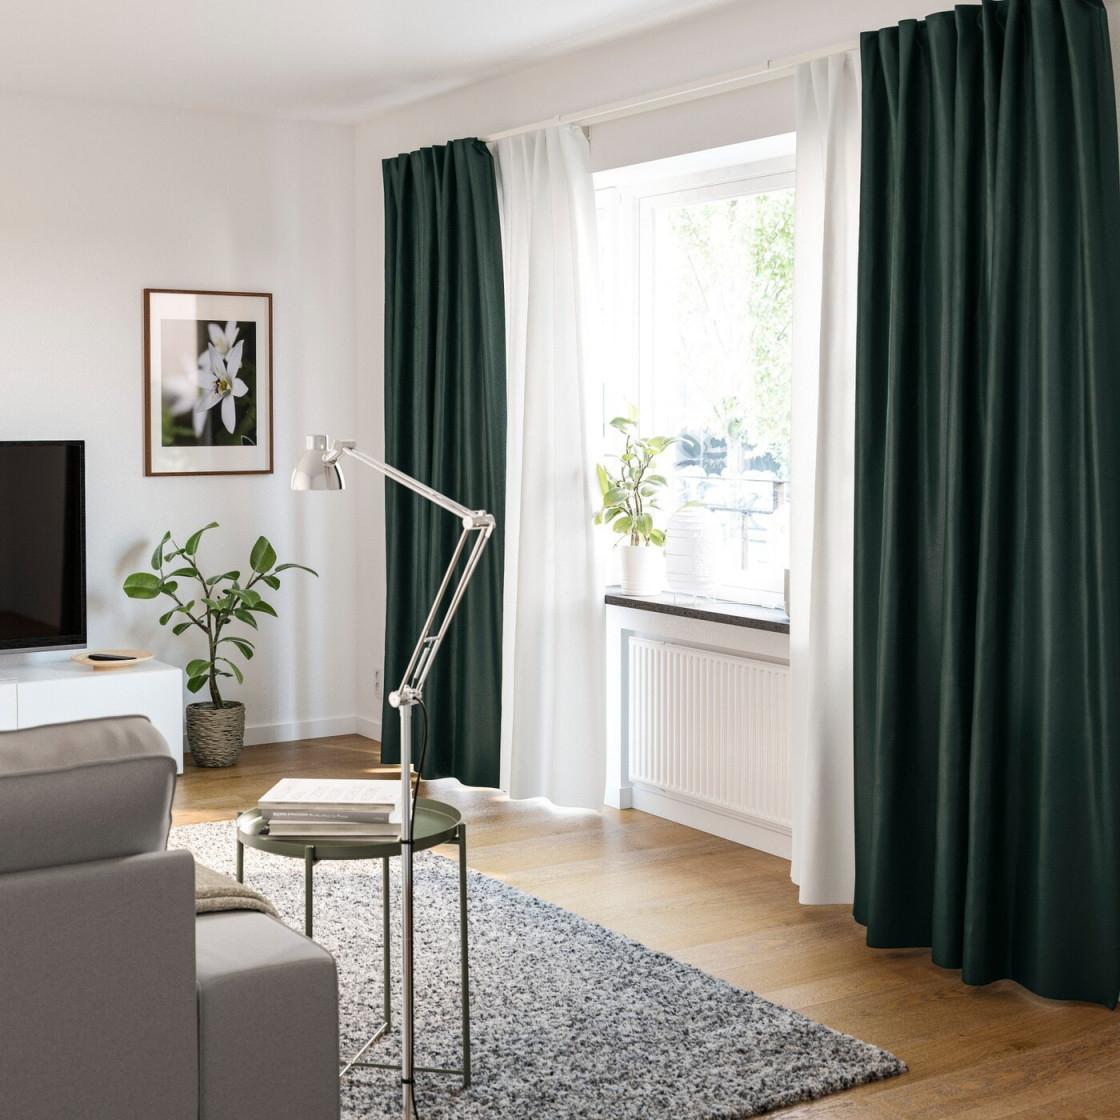 Gardinenideen Inspirationen Für Dein Zuhause  Ikea von Ösen Gardinen Wohnzimmer Bild